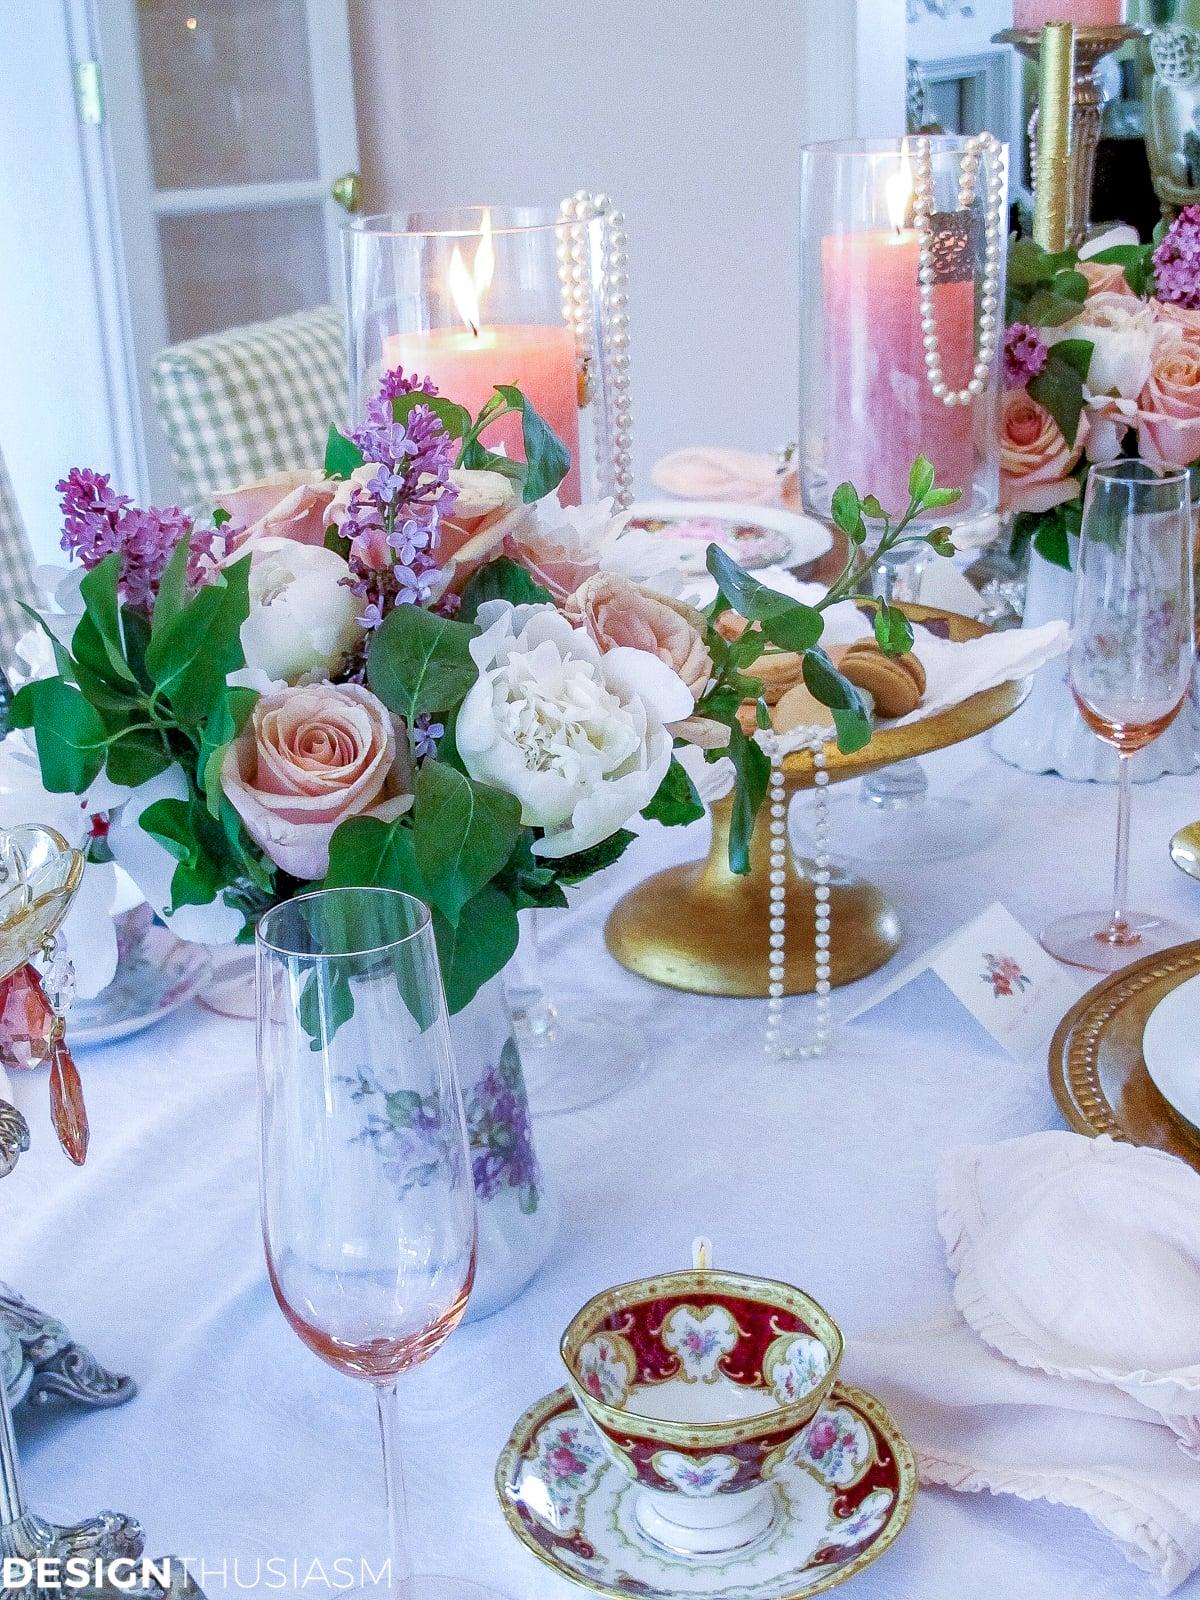 Mother's Day Decoration Ideas - designthusiasm.com